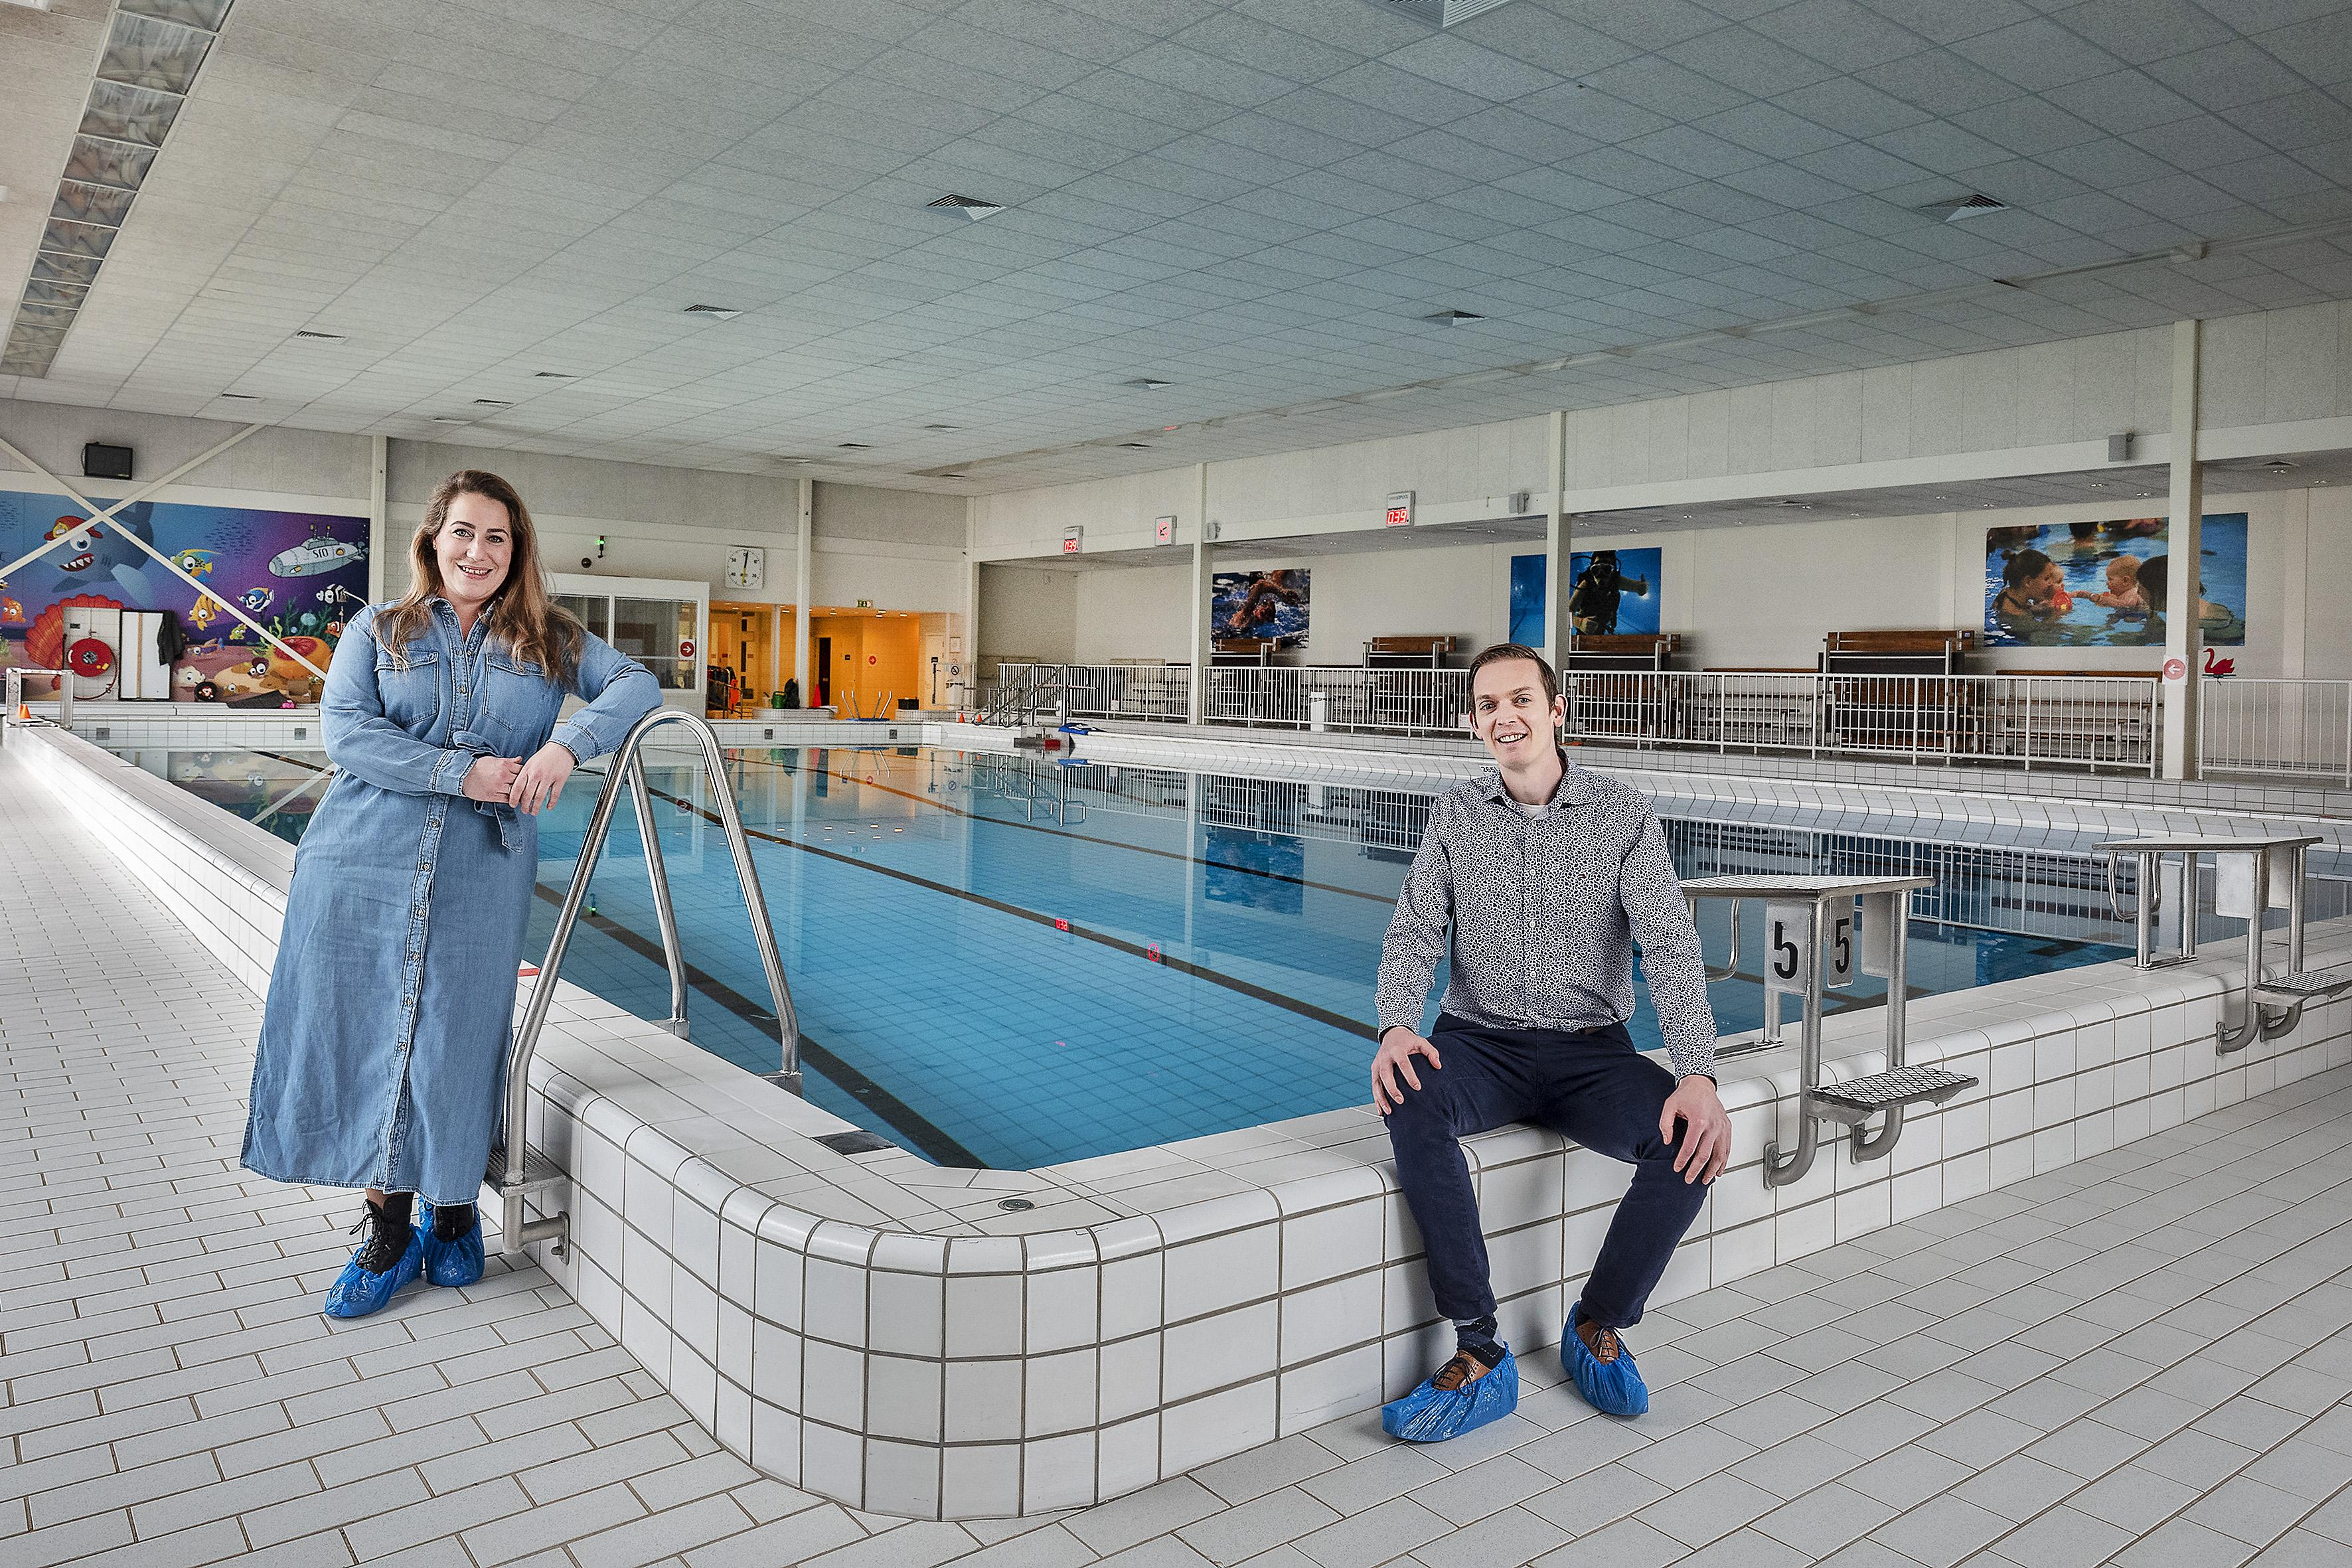 Watertemperatuur zwembaden stijgt, en daarmee ook de zin in zwemlessen: 'Het begint te kriebelen'